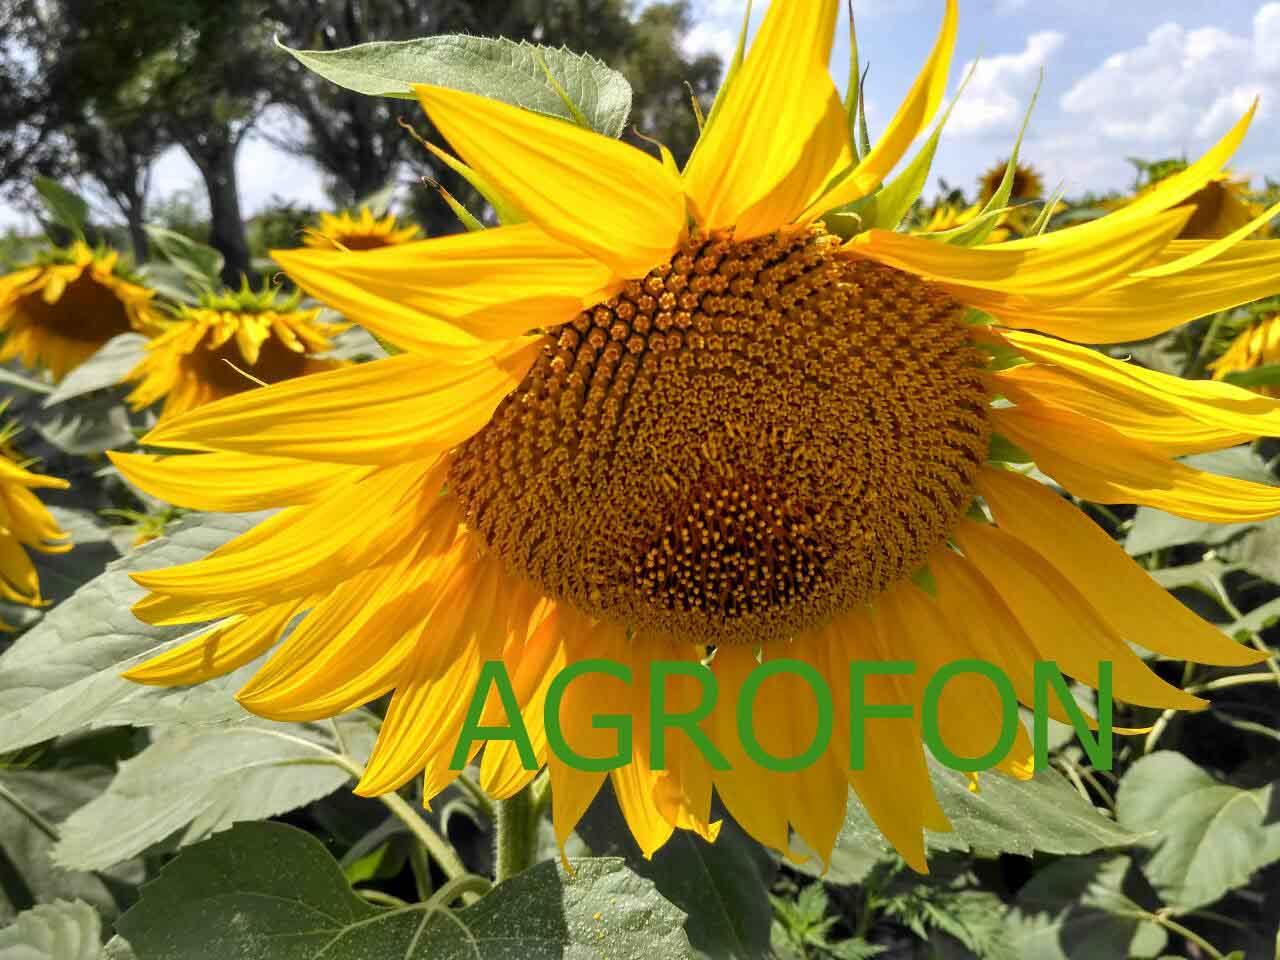 семена подсолнечника НС Суио 007, подсолнух НС 007, НС 6059